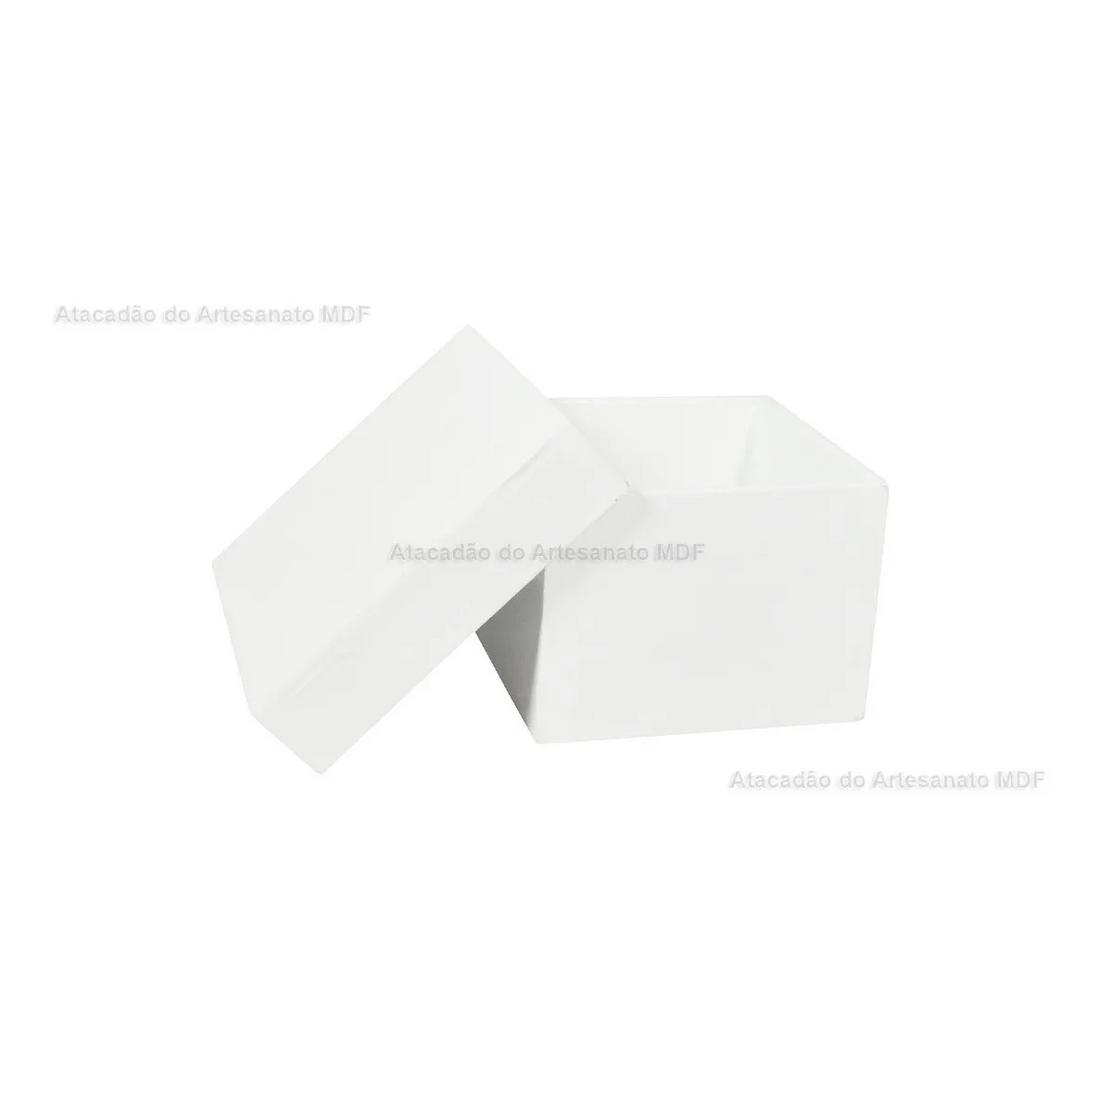 Kit-10-Caixa-Quadrada-Tampa-Sapato-7x7x5-Mdf-Madeira-Pintado